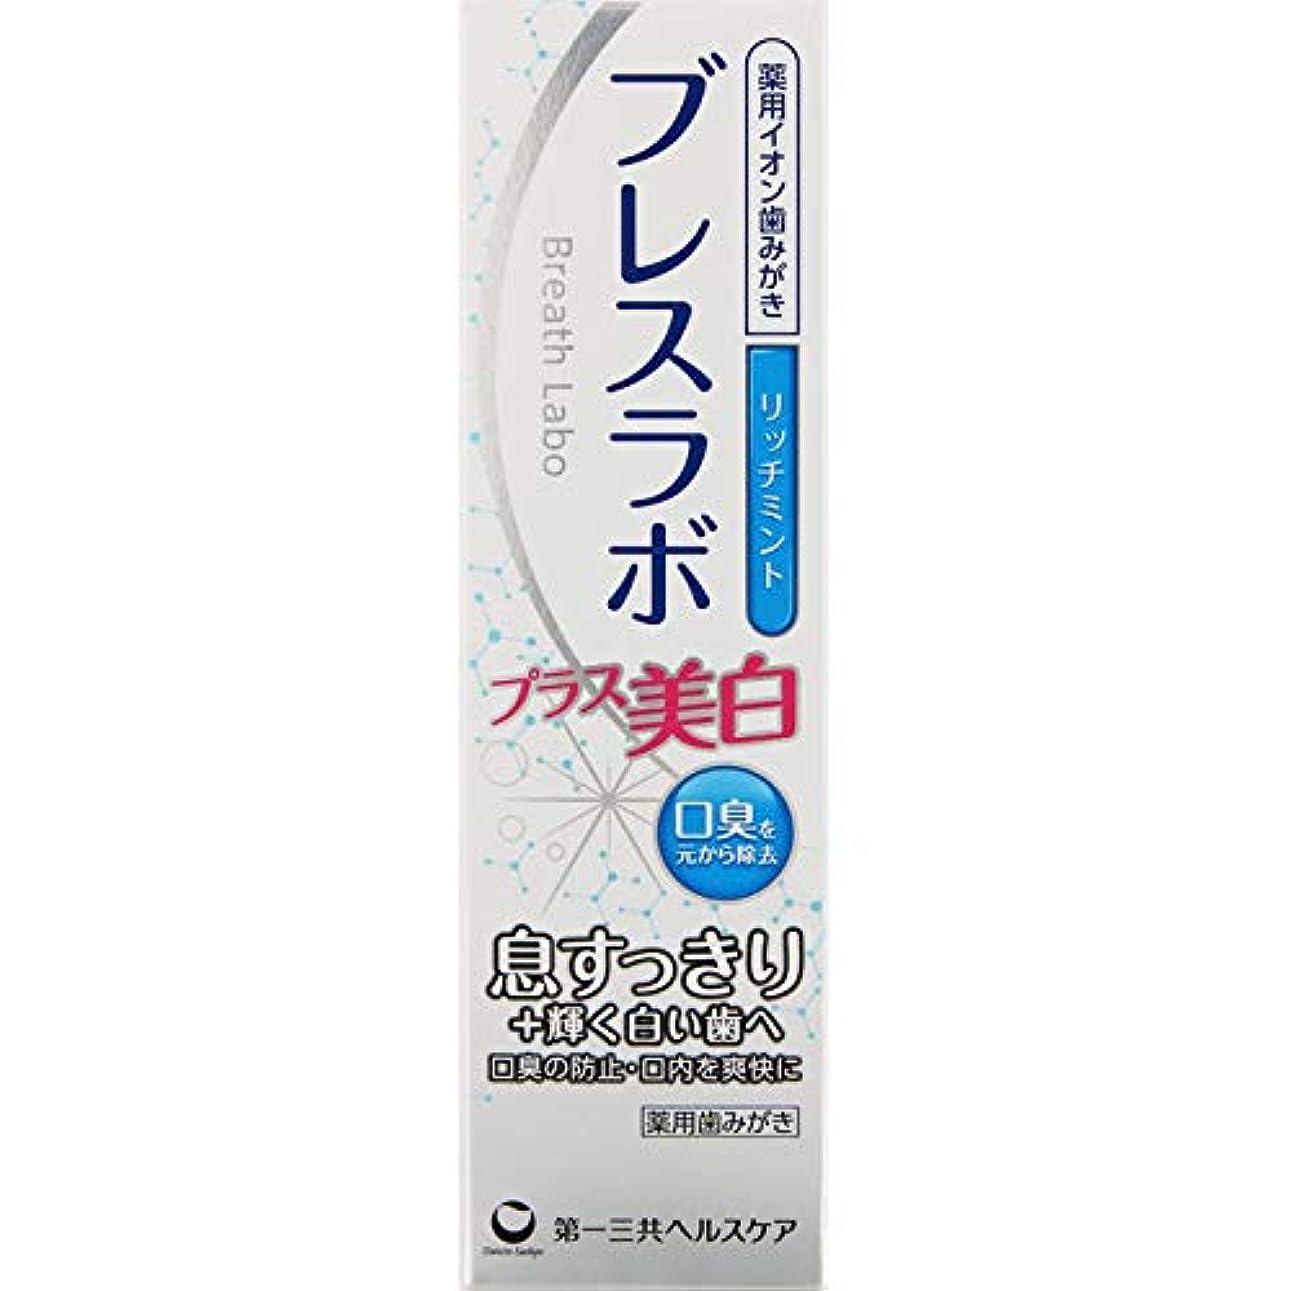 バンク忠実な緩む【6個セット】ブレスラボ プラス美白 リッチミント 90g